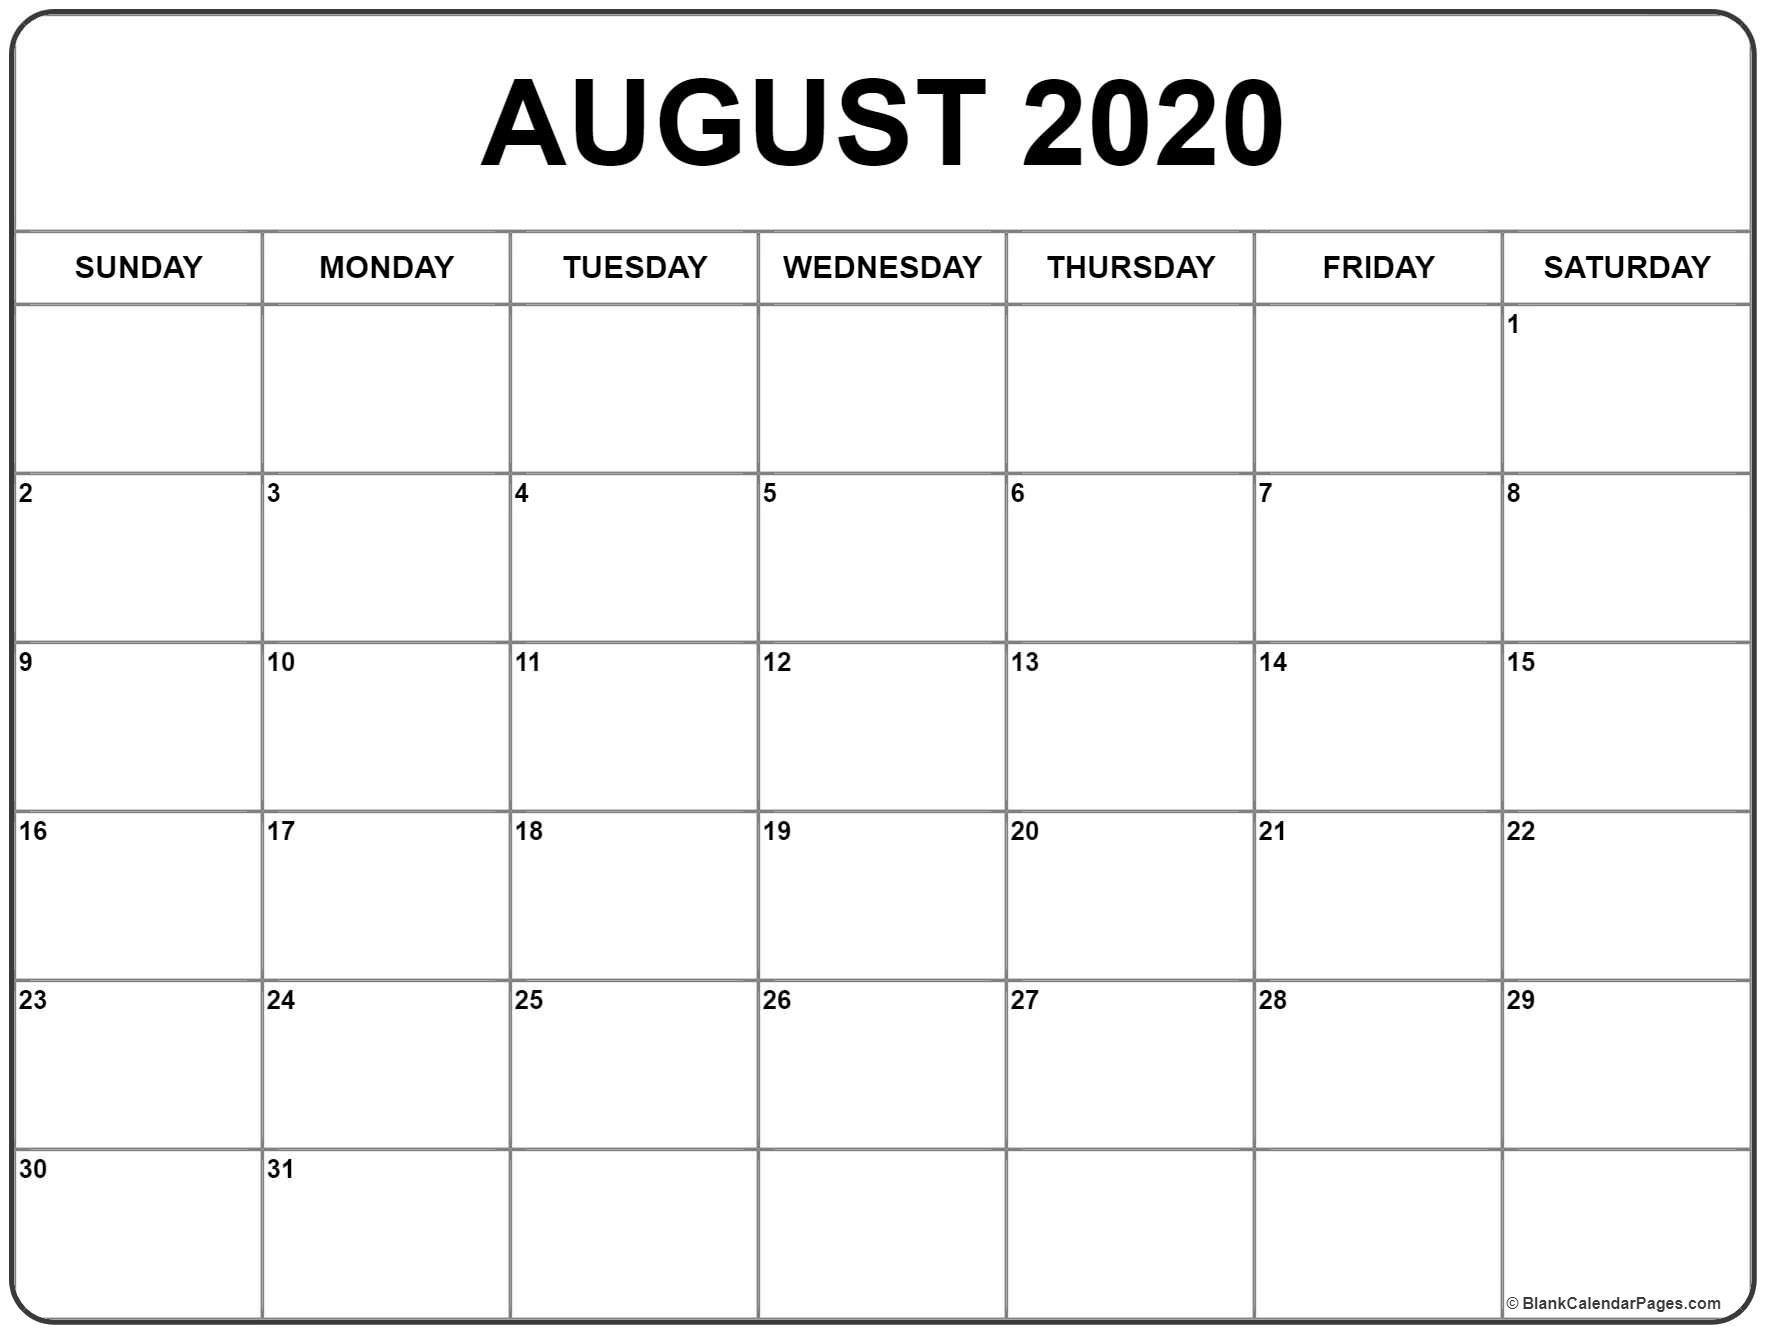 August 2020 Calendar | August Calendar, Monthly Calendar-Blank Calendar Template June July August 2020